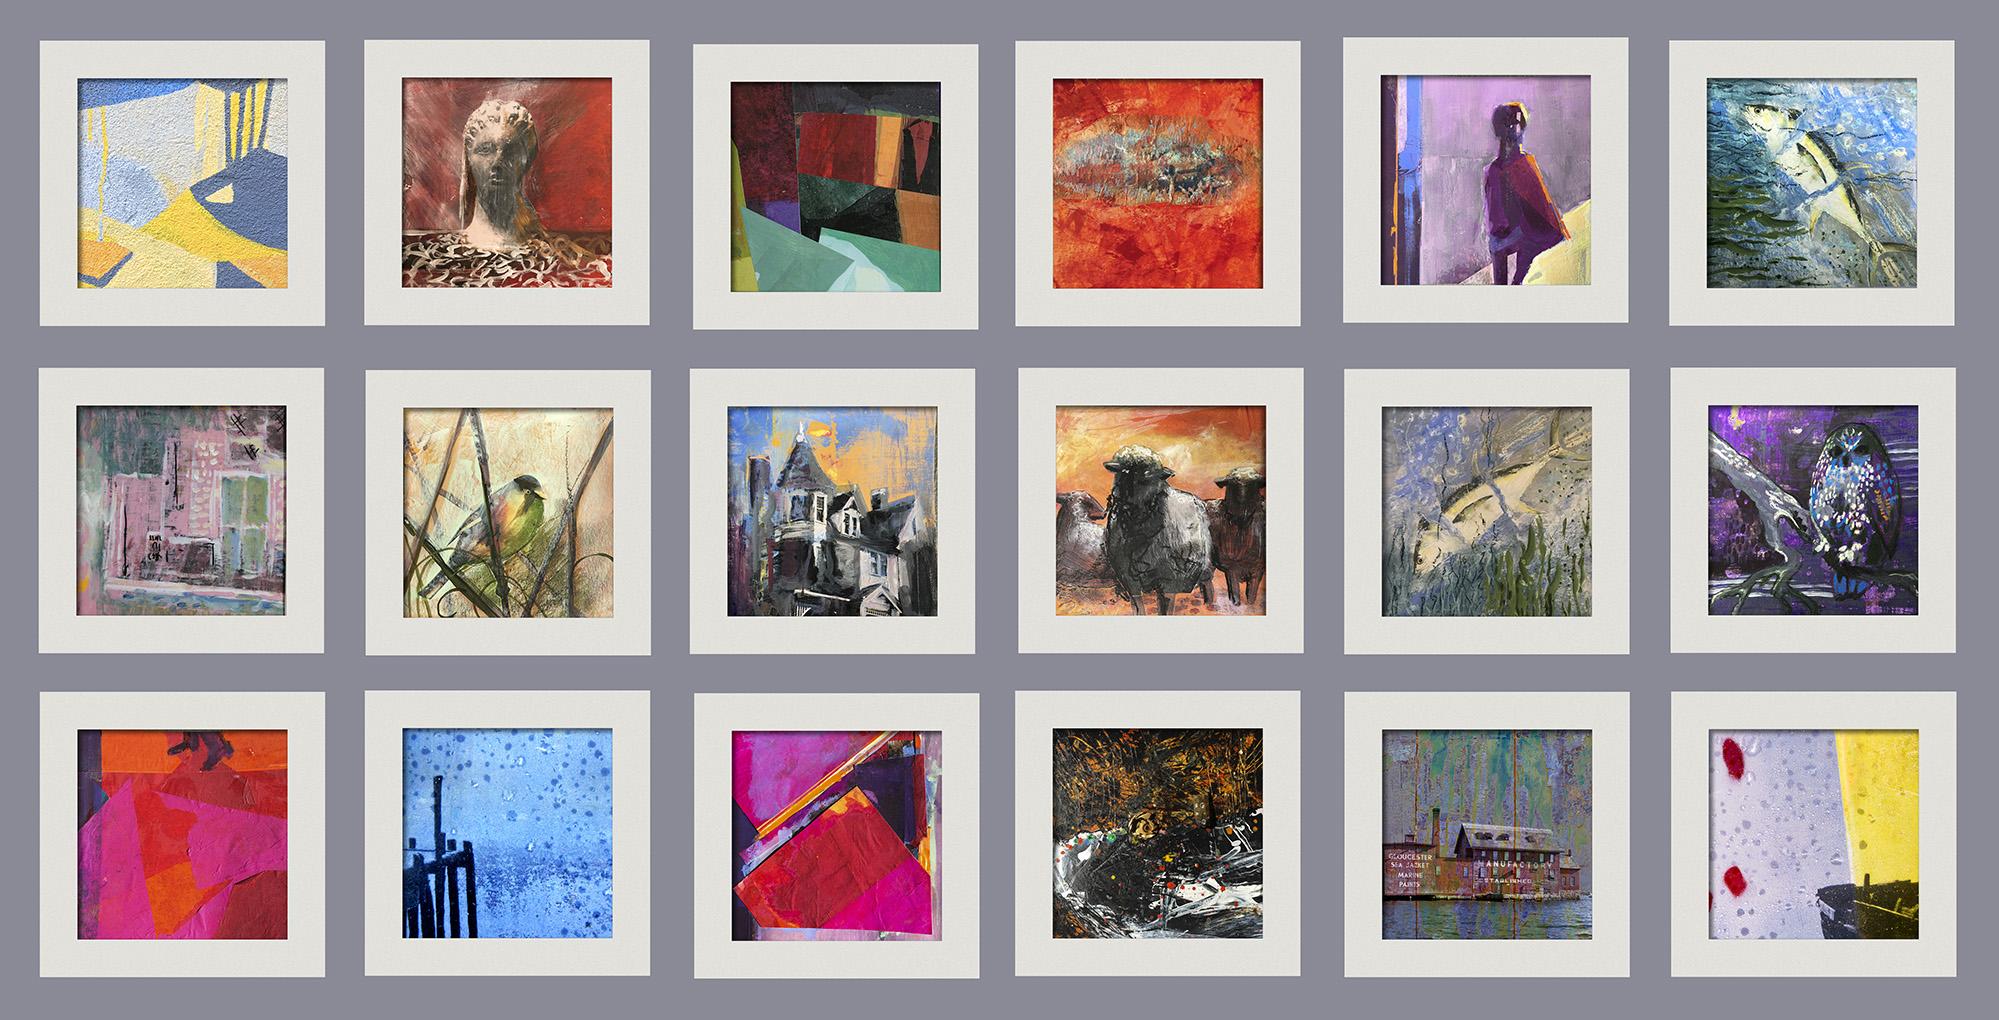 gallery1-2000.jpg